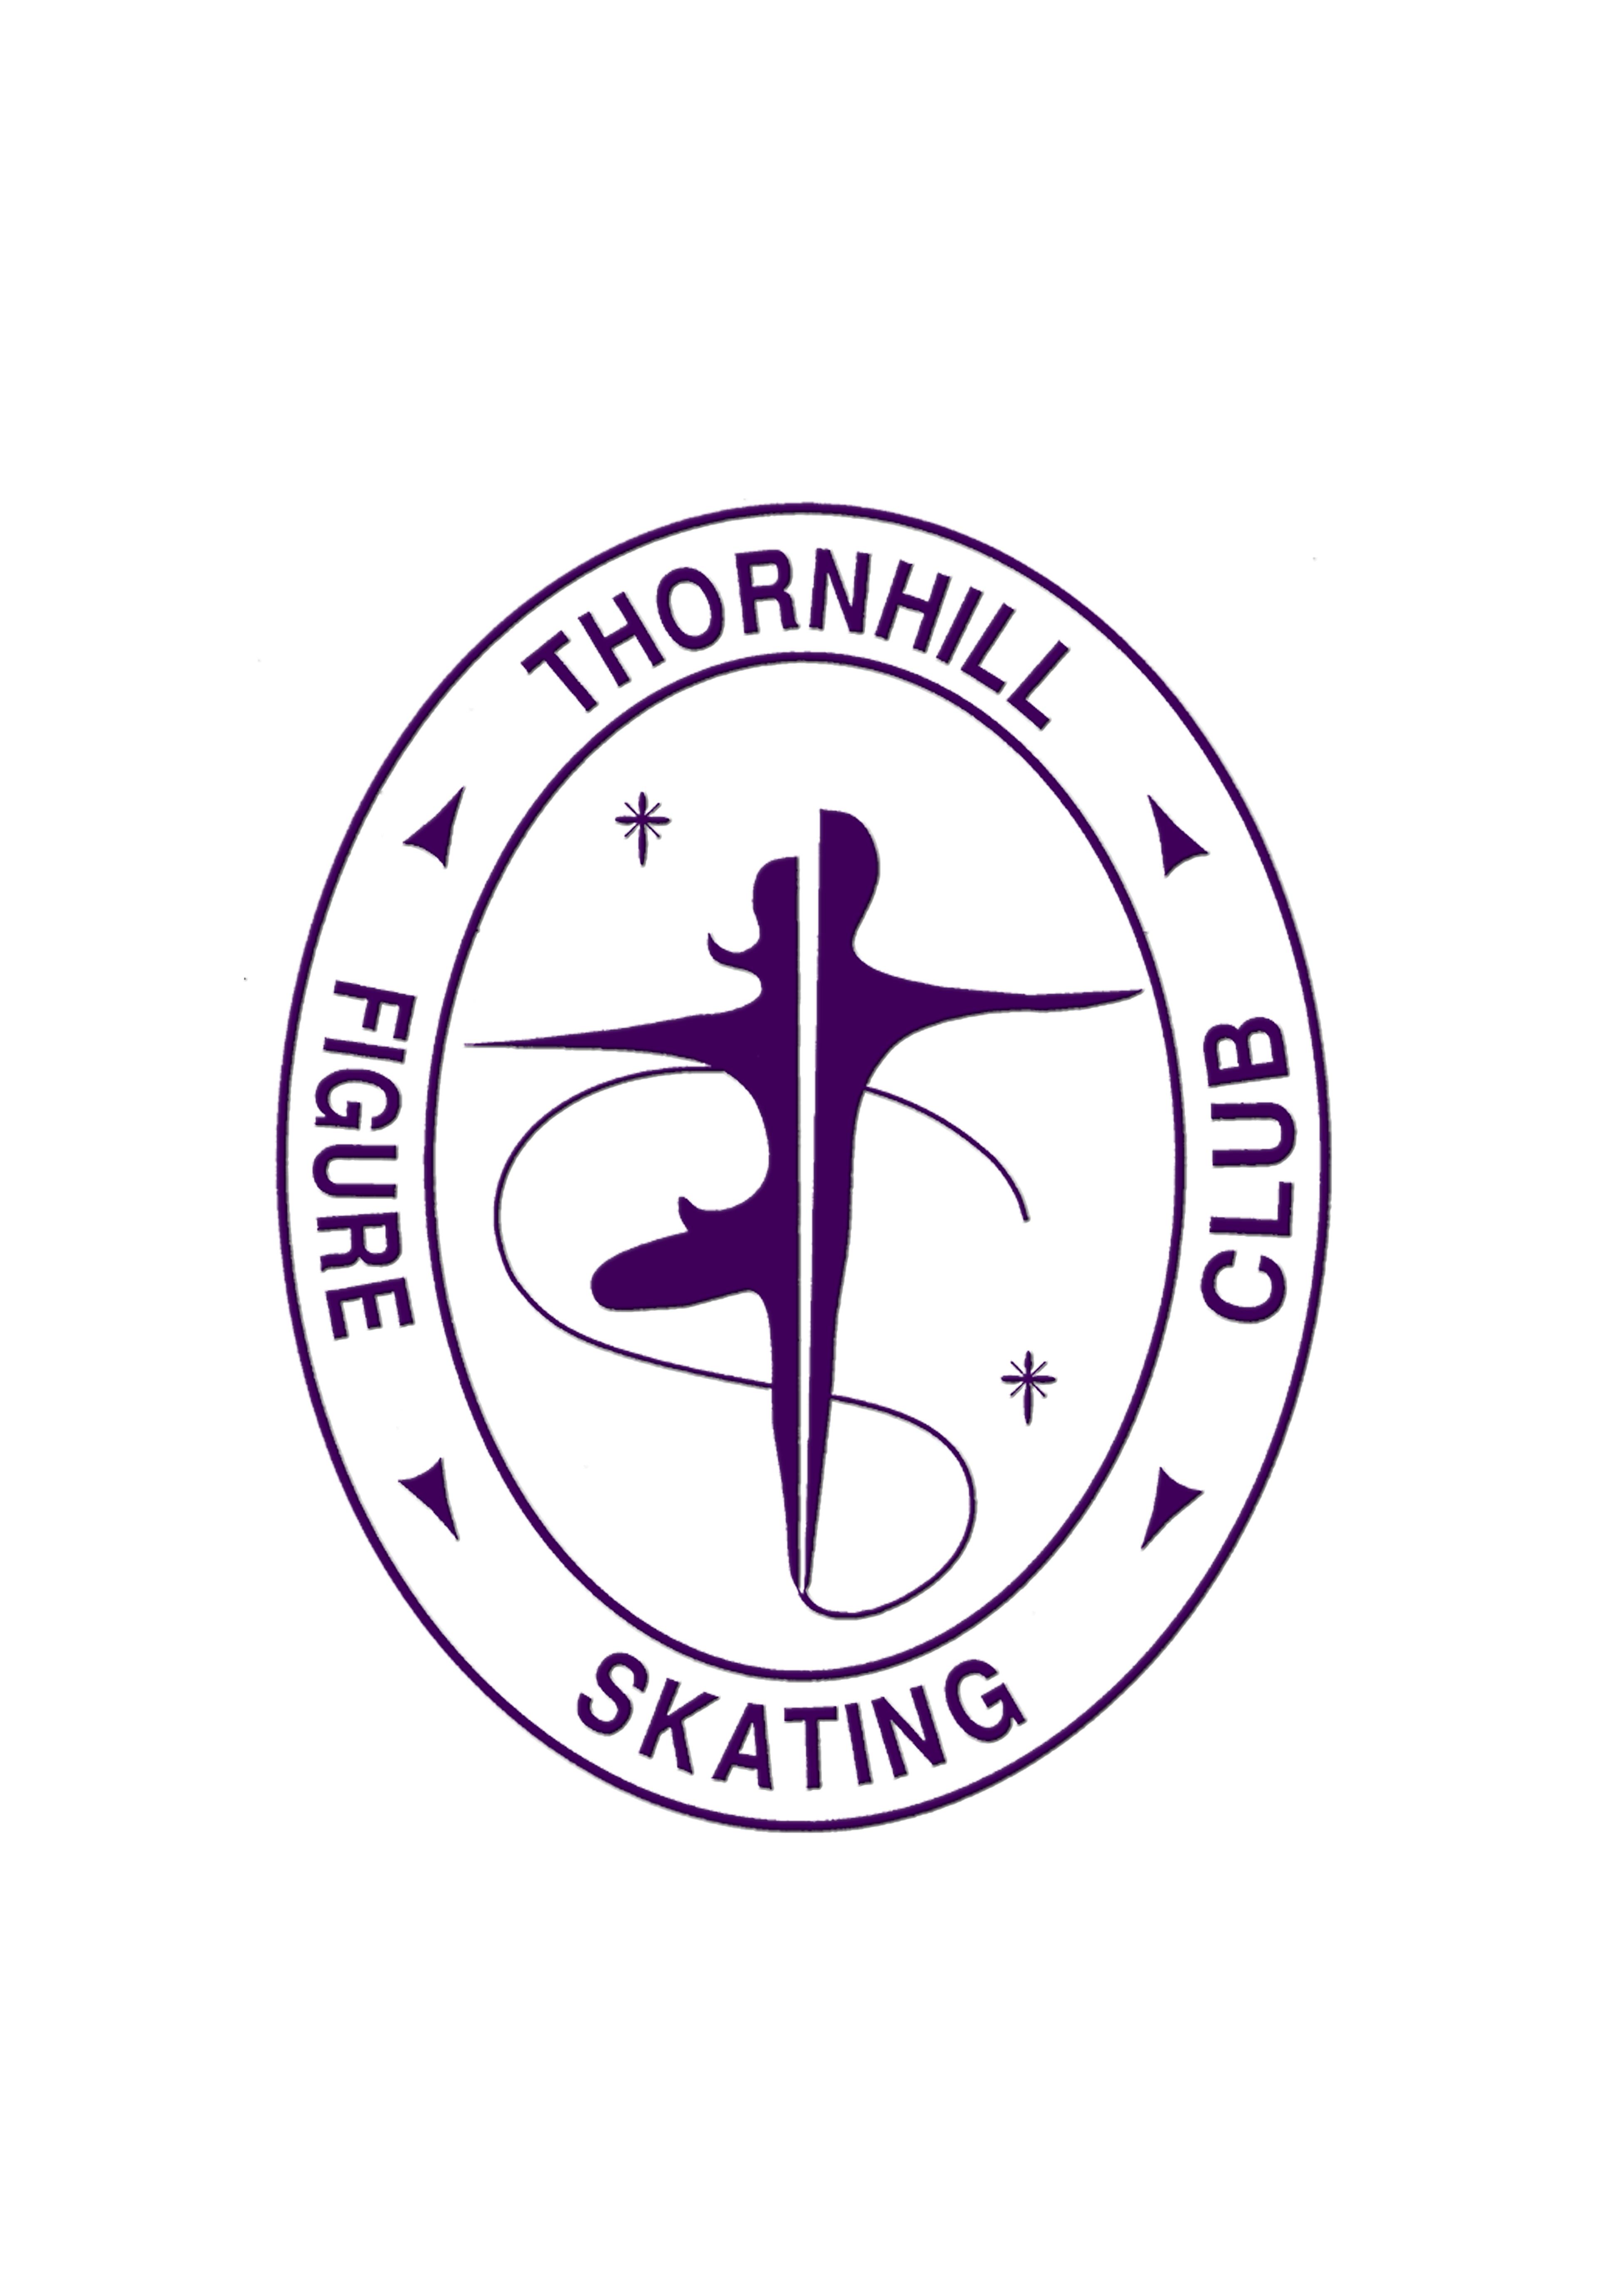 Thornhill Figure Skating Club